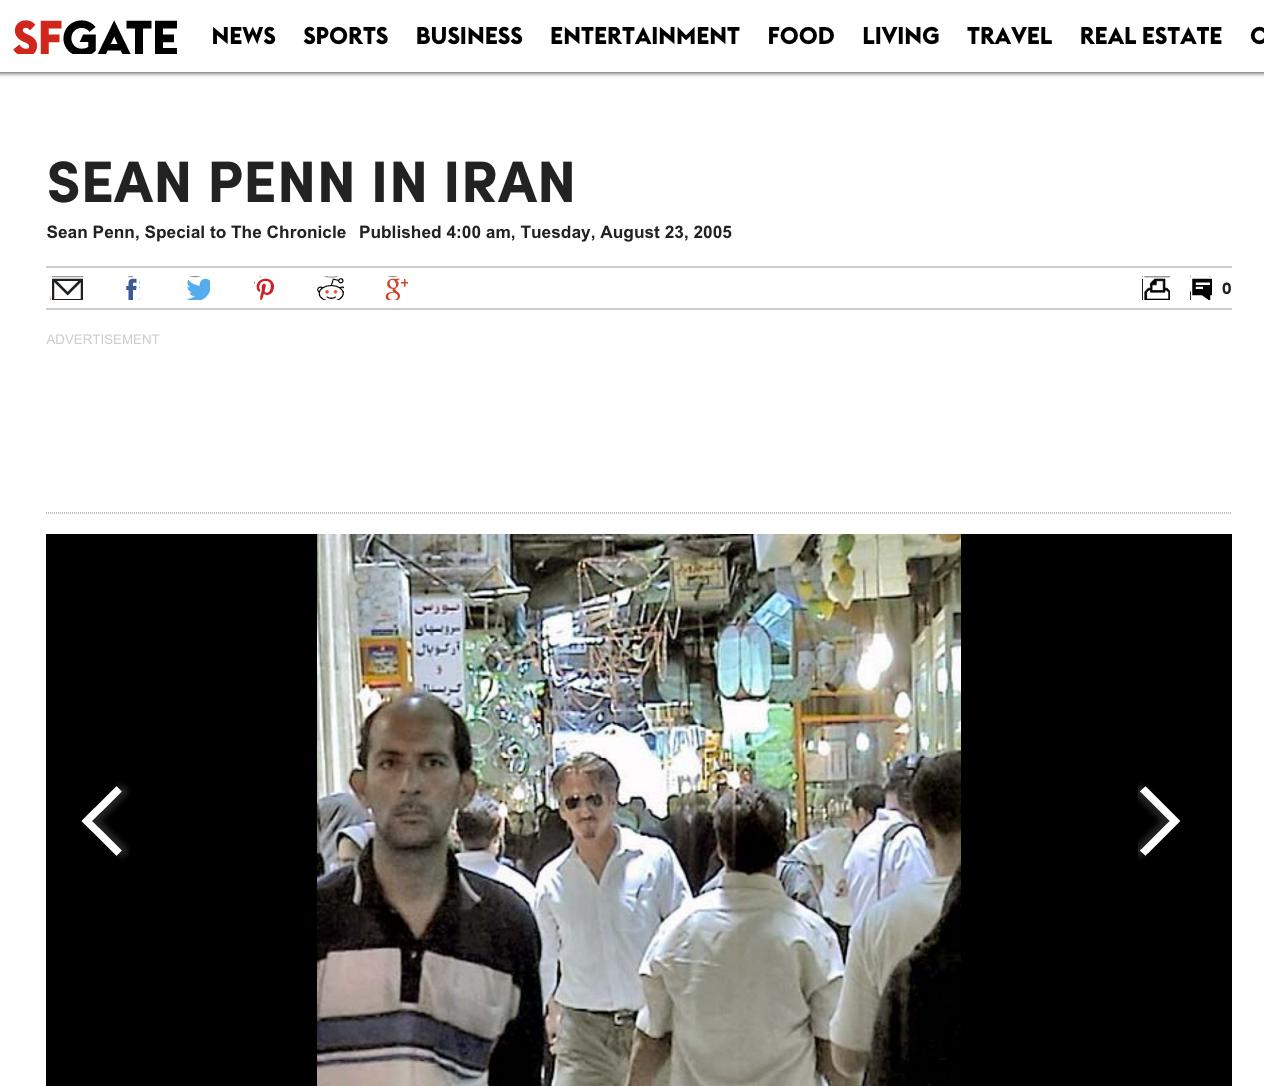 Sean Penn en Irán